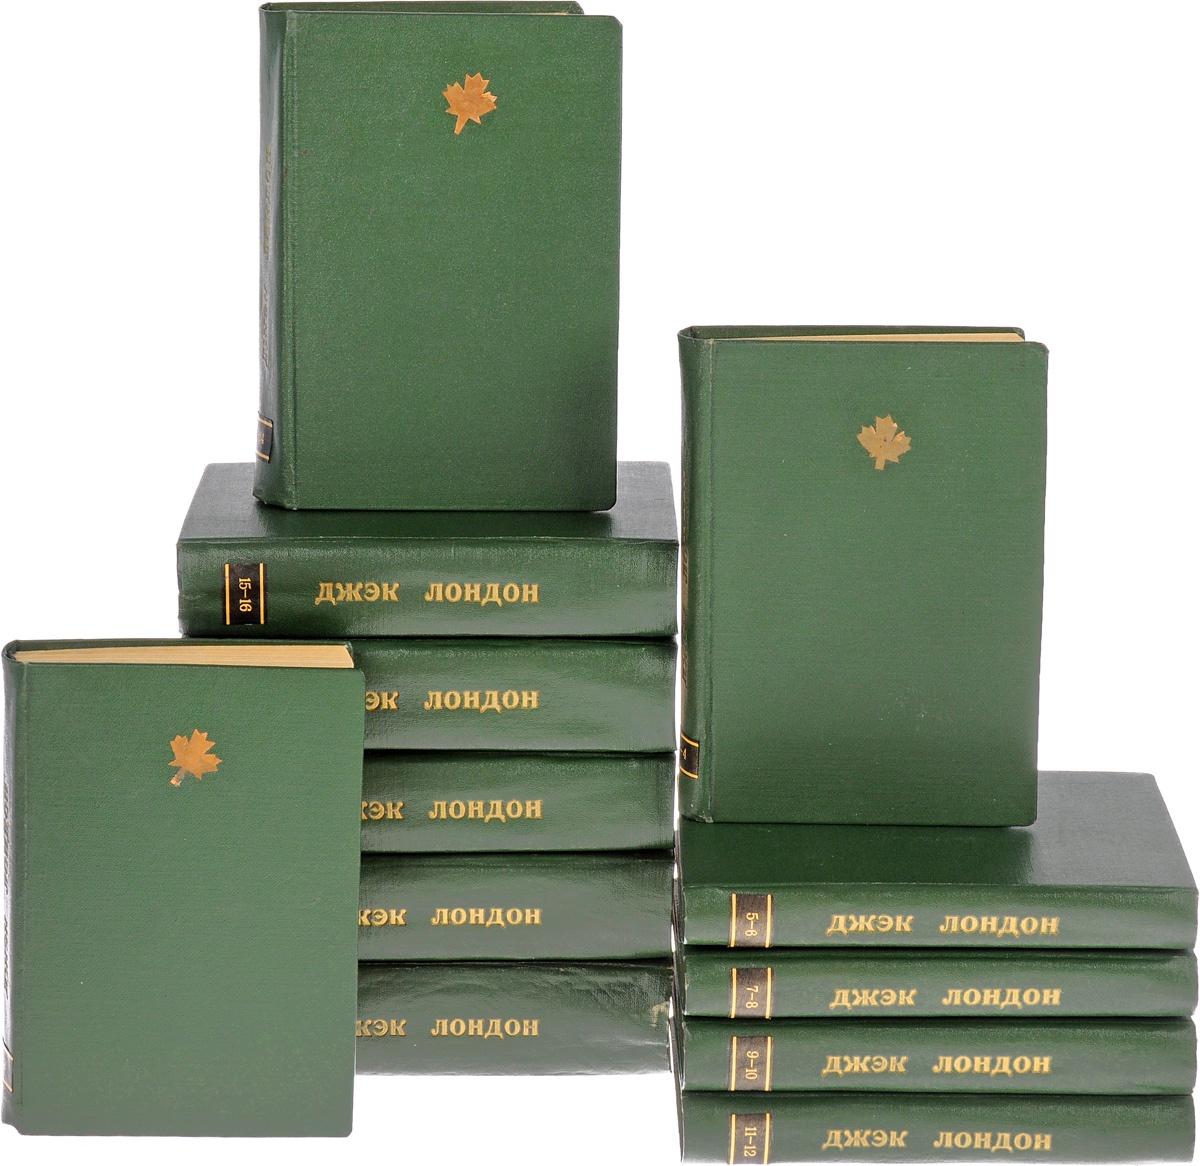 Лондон Джек Джек Лондон. Полное собрание сочинений в 24 томах (комплект из 12 книг)